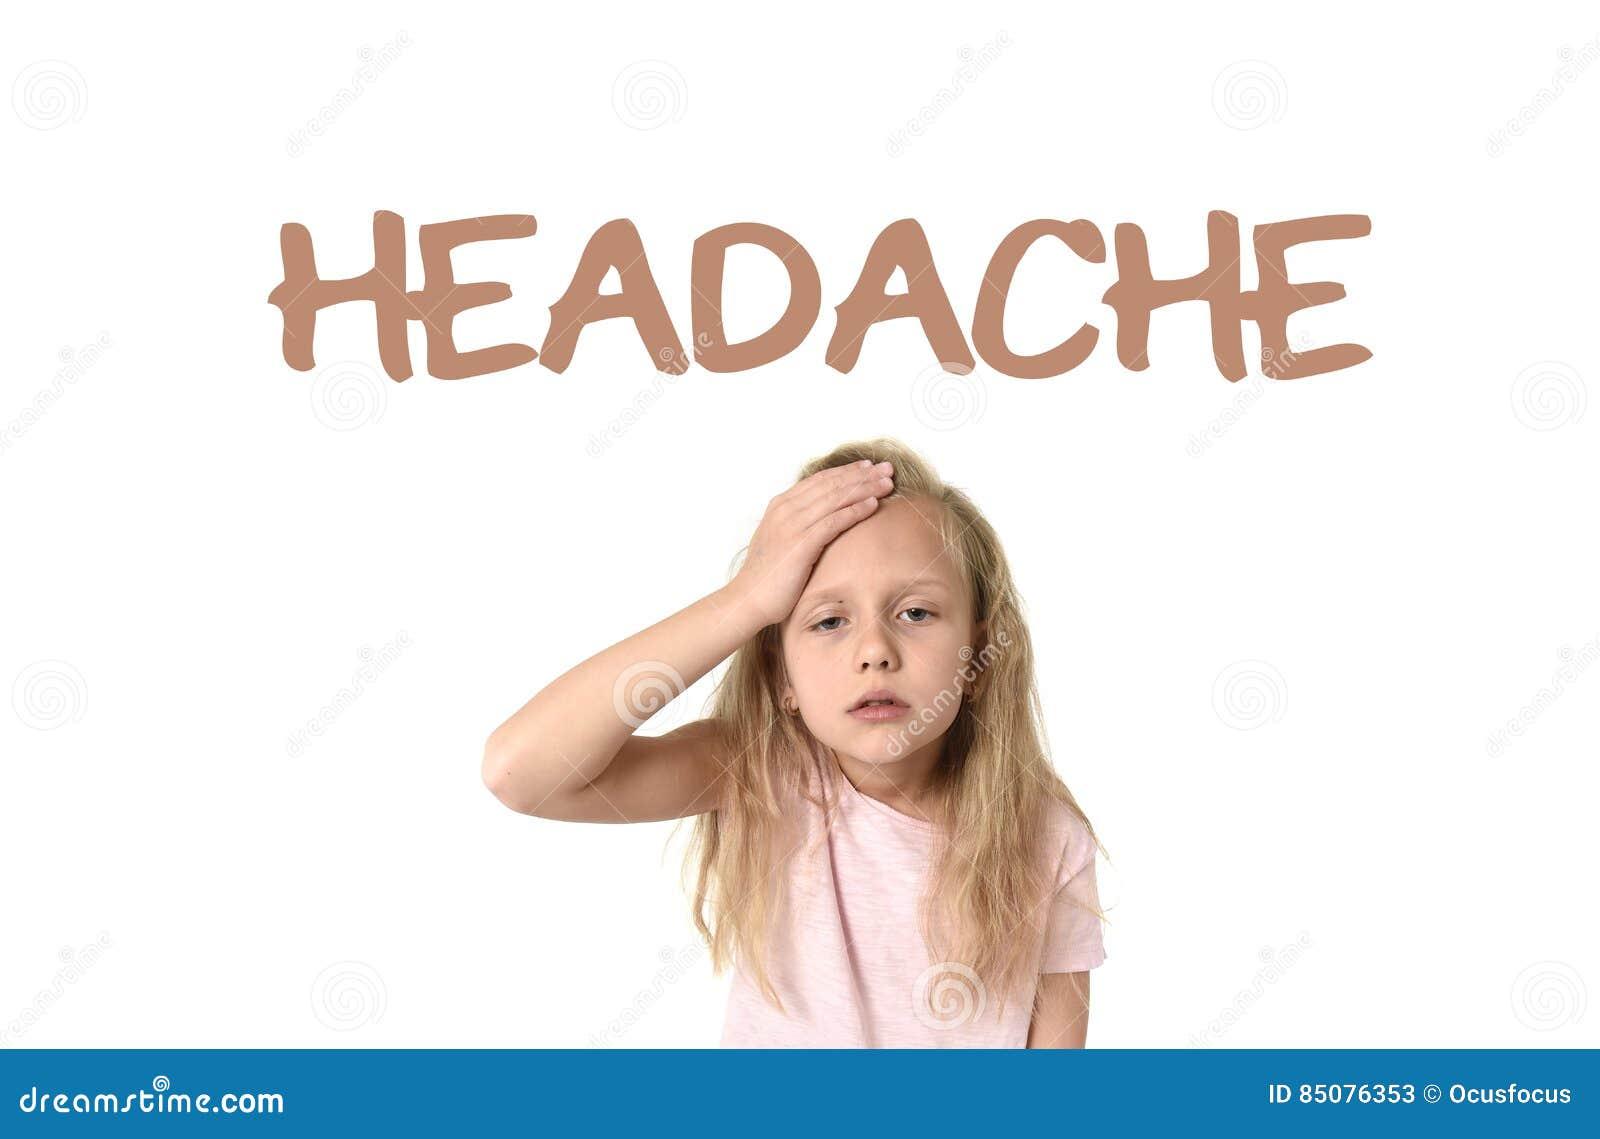 Aprendendo o vocabulário da língua inglesa eduque o cartão com a dor de cabeça da palavra